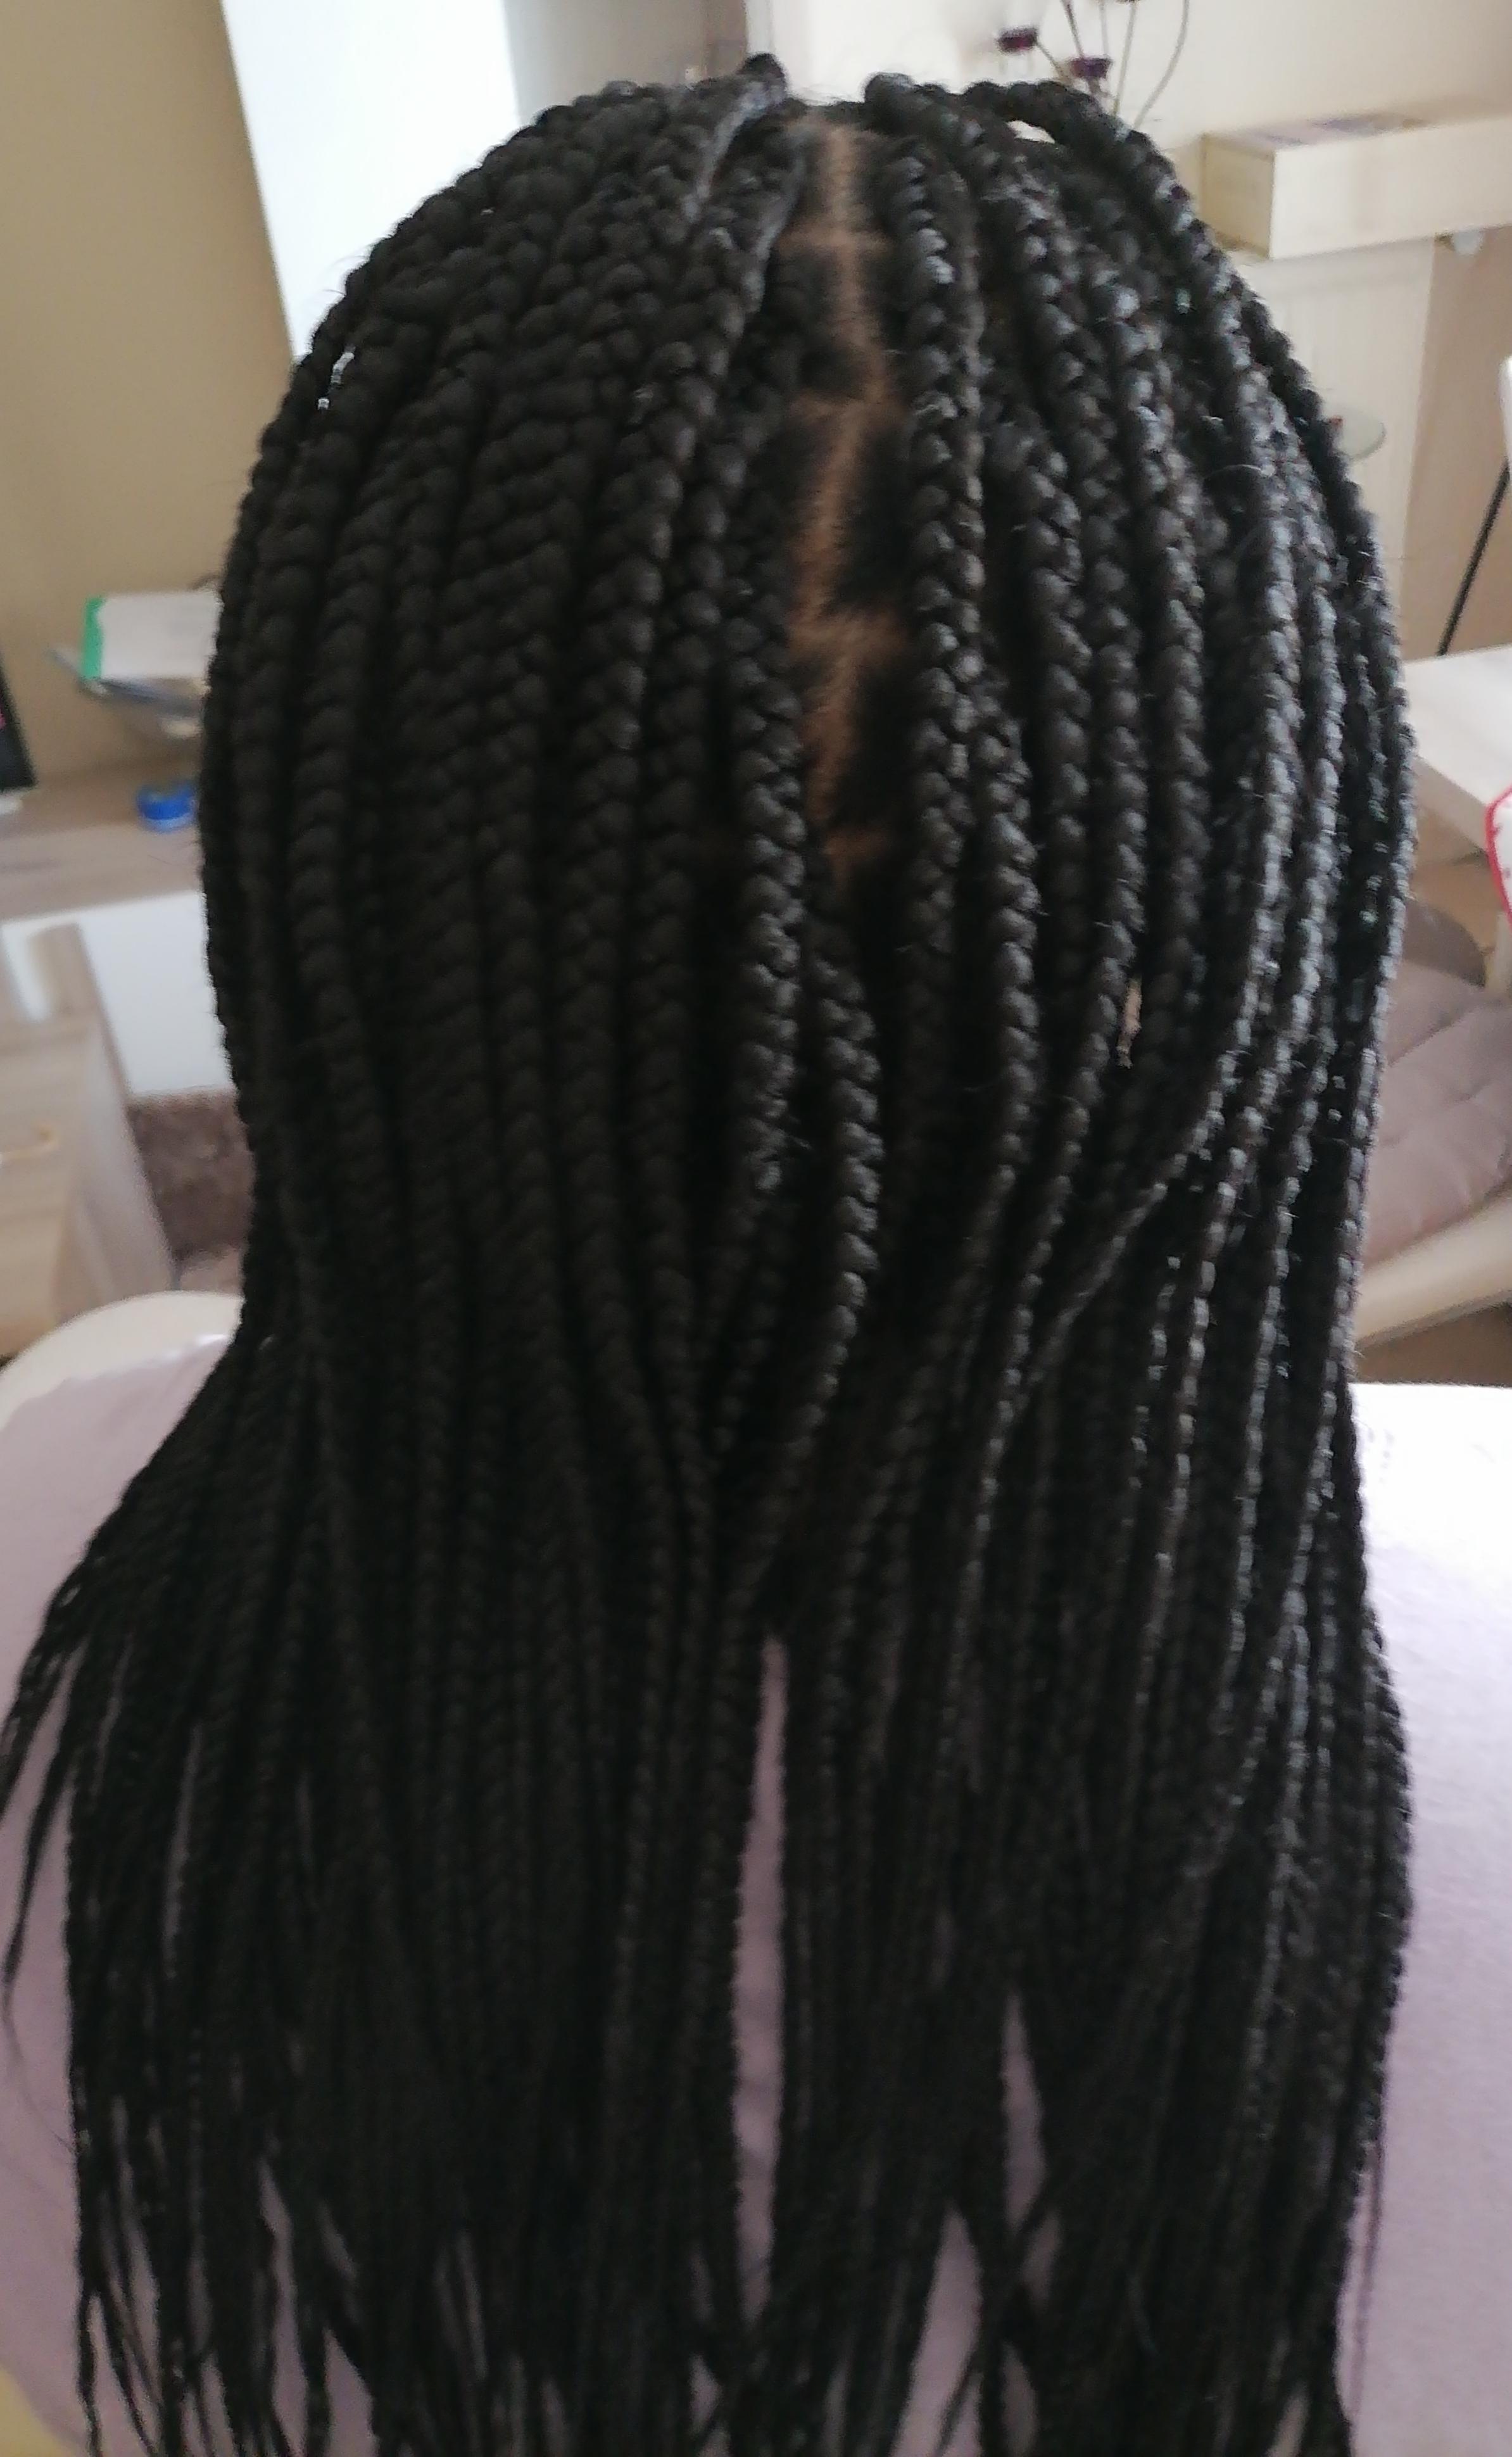 salon de coiffure afro tresse tresses box braids crochet braids vanilles tissages paris 75 77 78 91 92 93 94 95 CSNWHKNJ